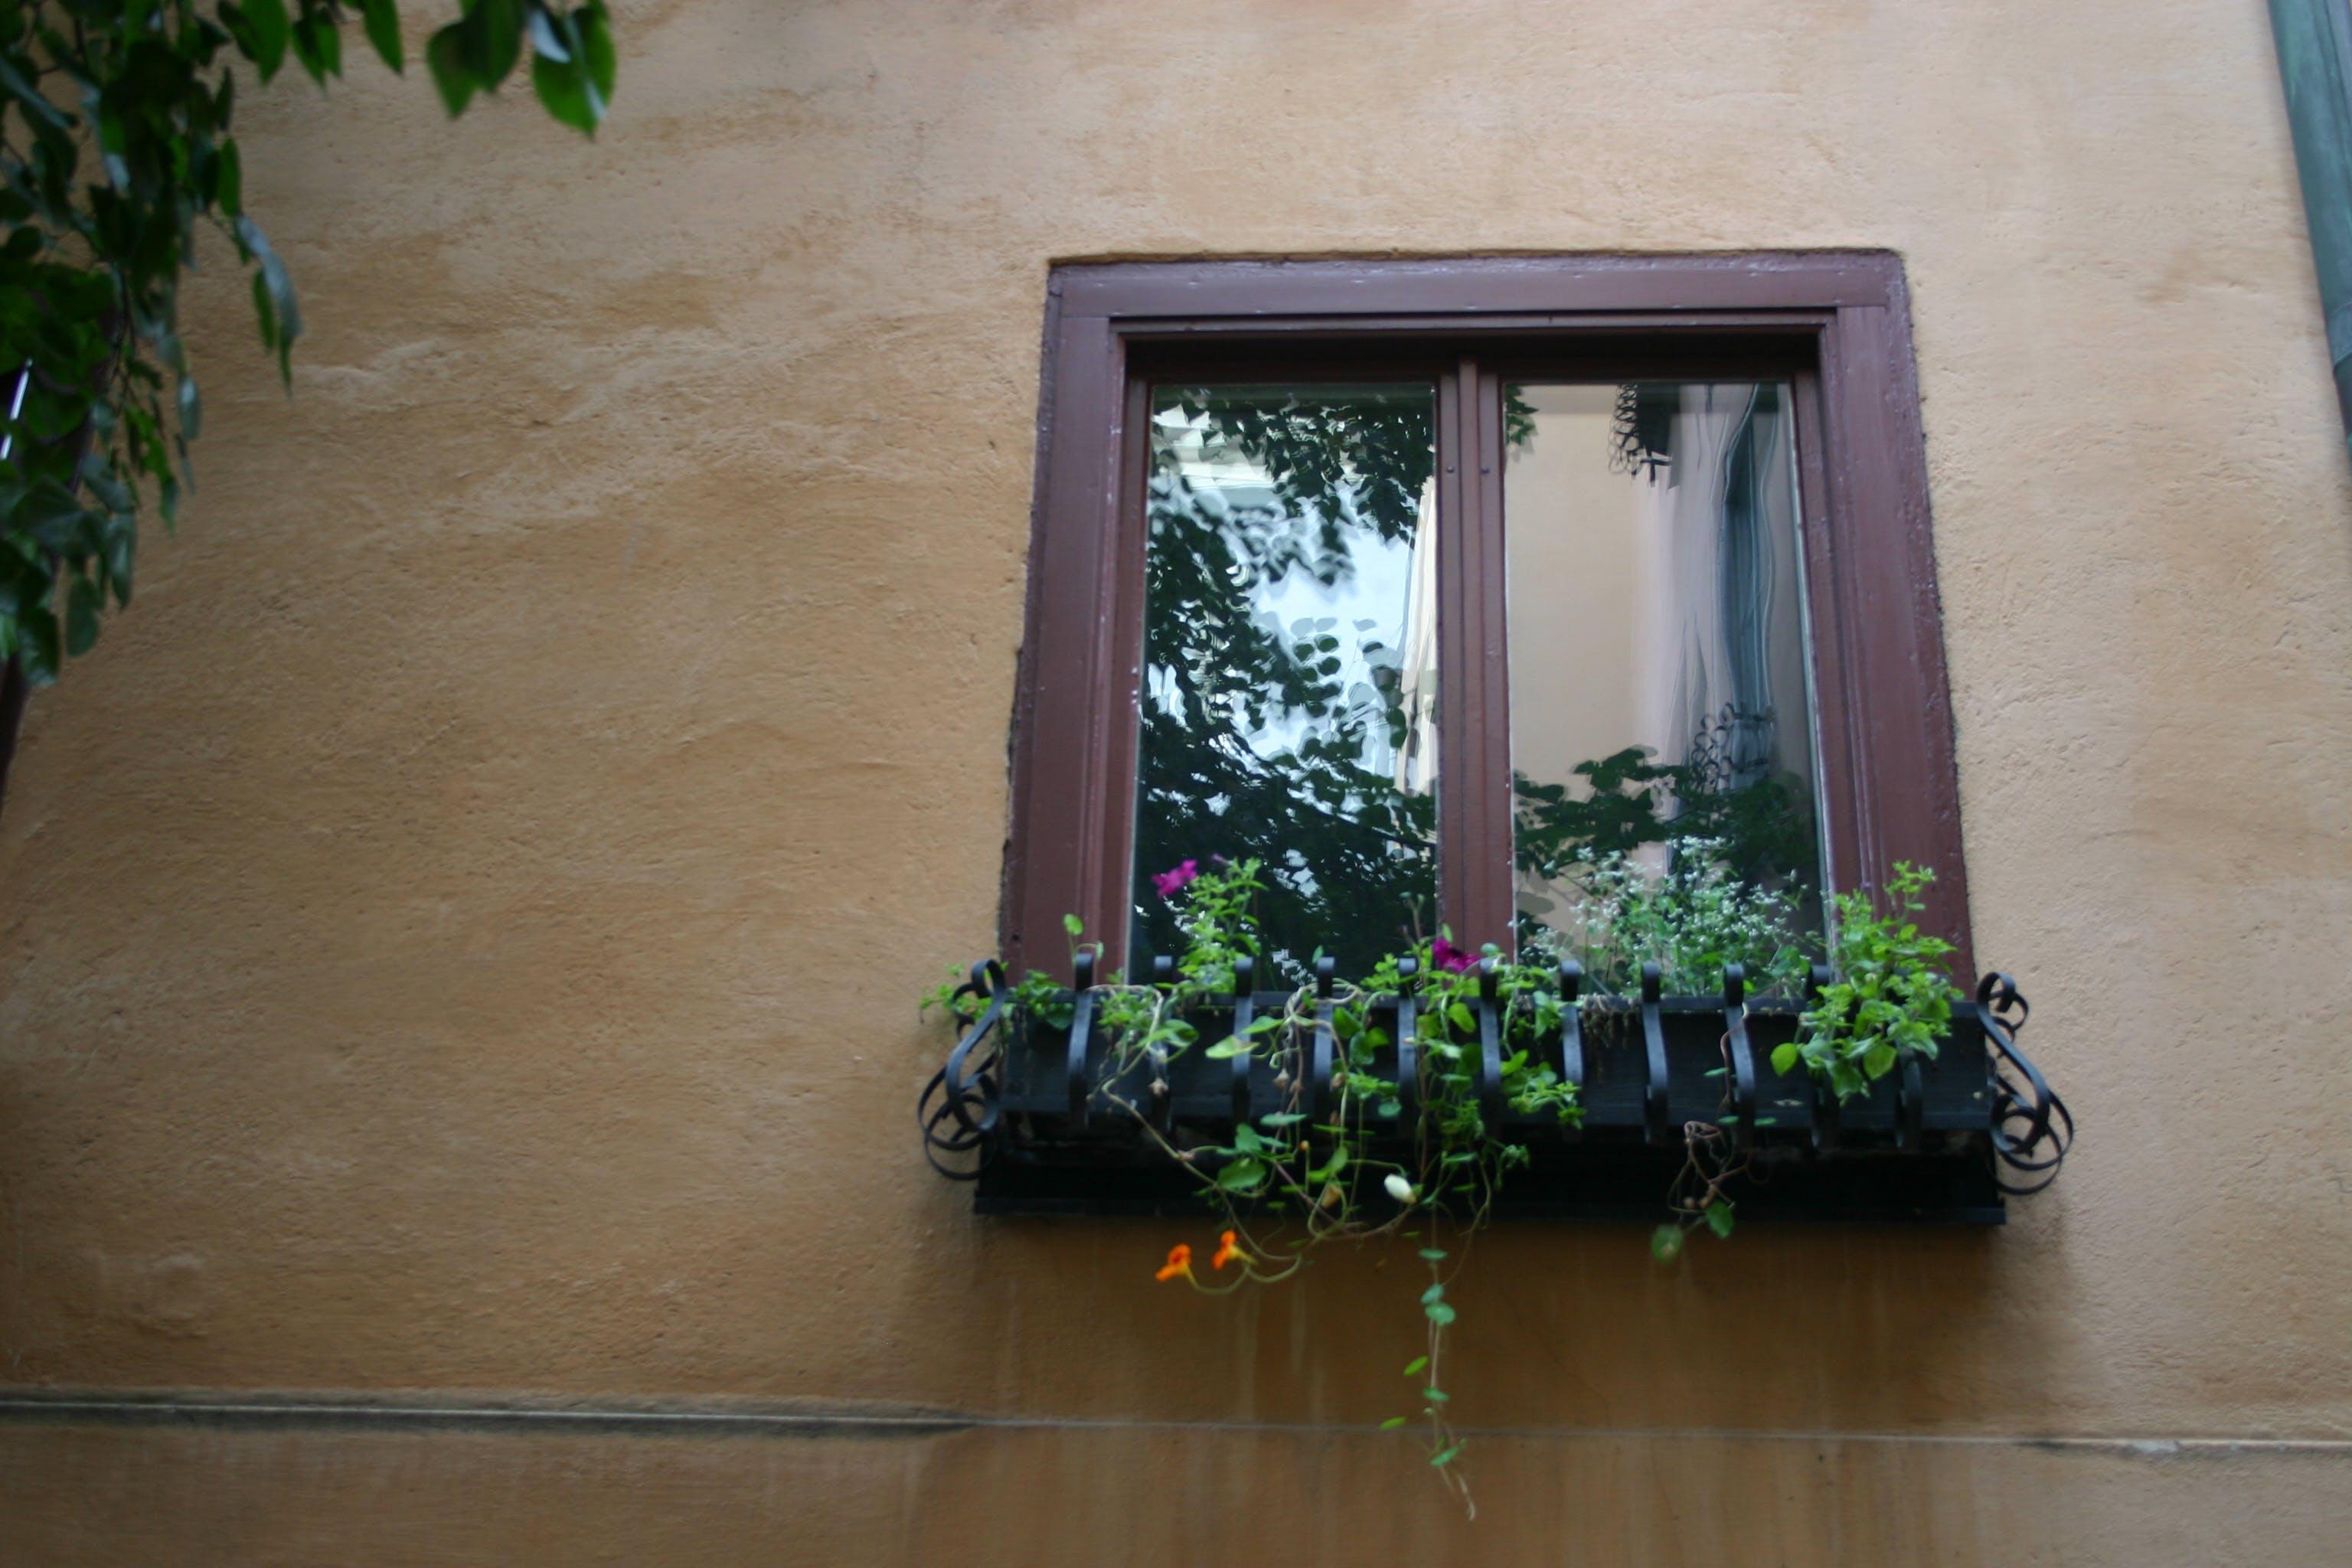 Brown Wooden 2-panel Window Beside Green Leaf Plants